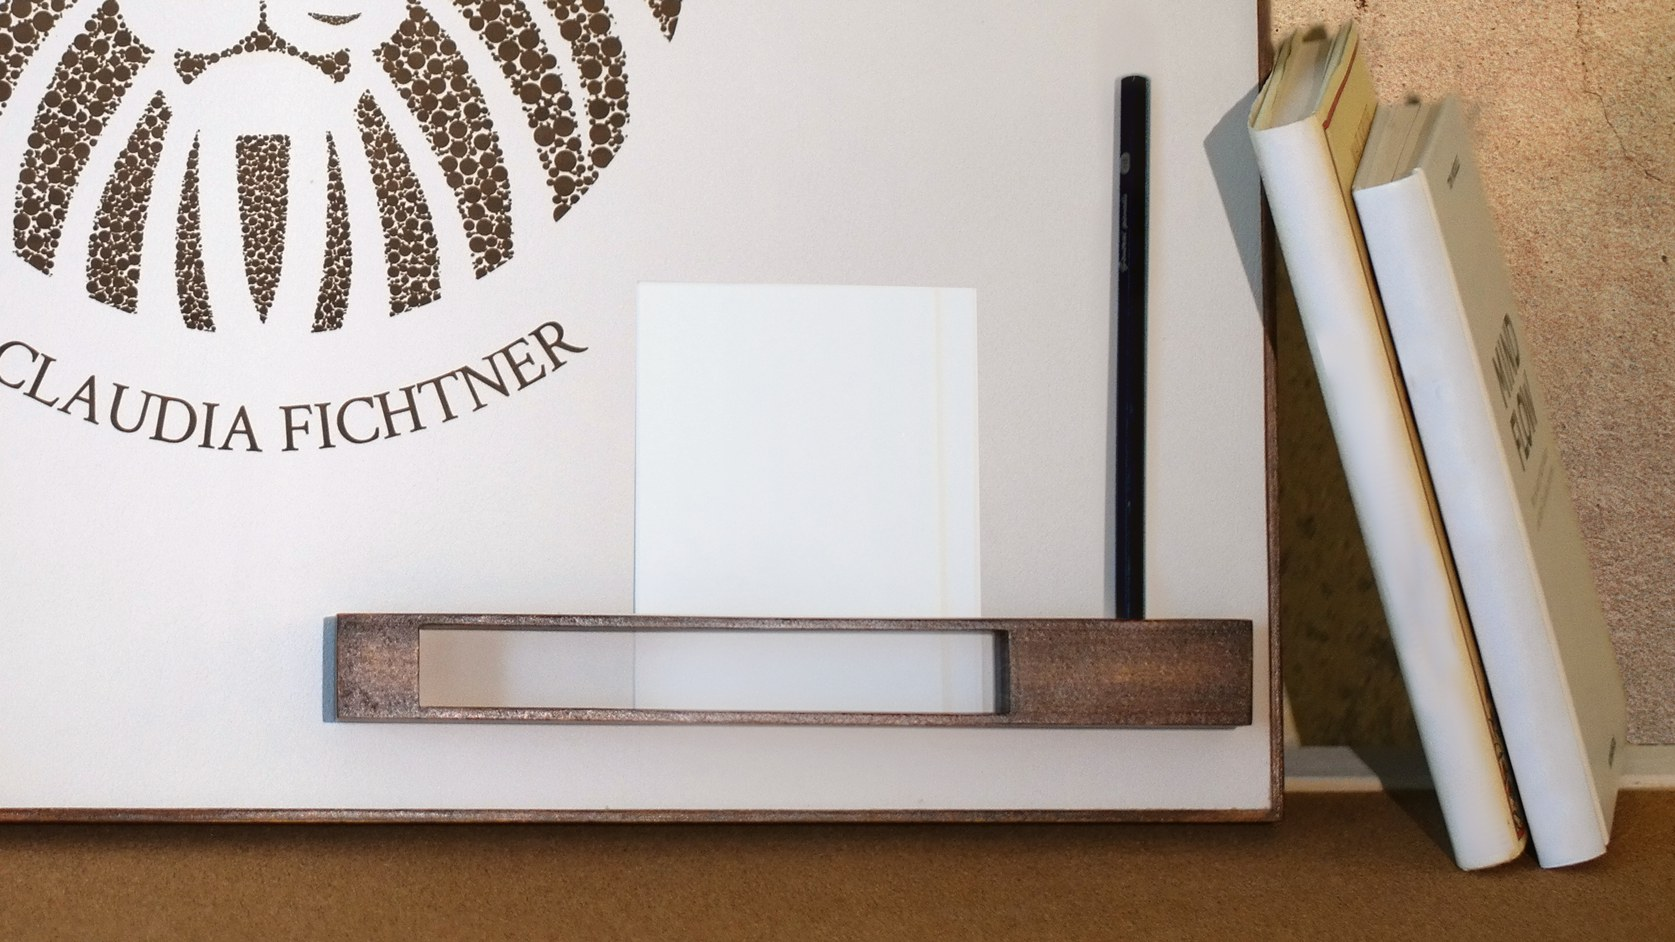 Magnet-Board-leo-and-fish-claudia-fichtnerSAM_9642-Stifthalter-klein-